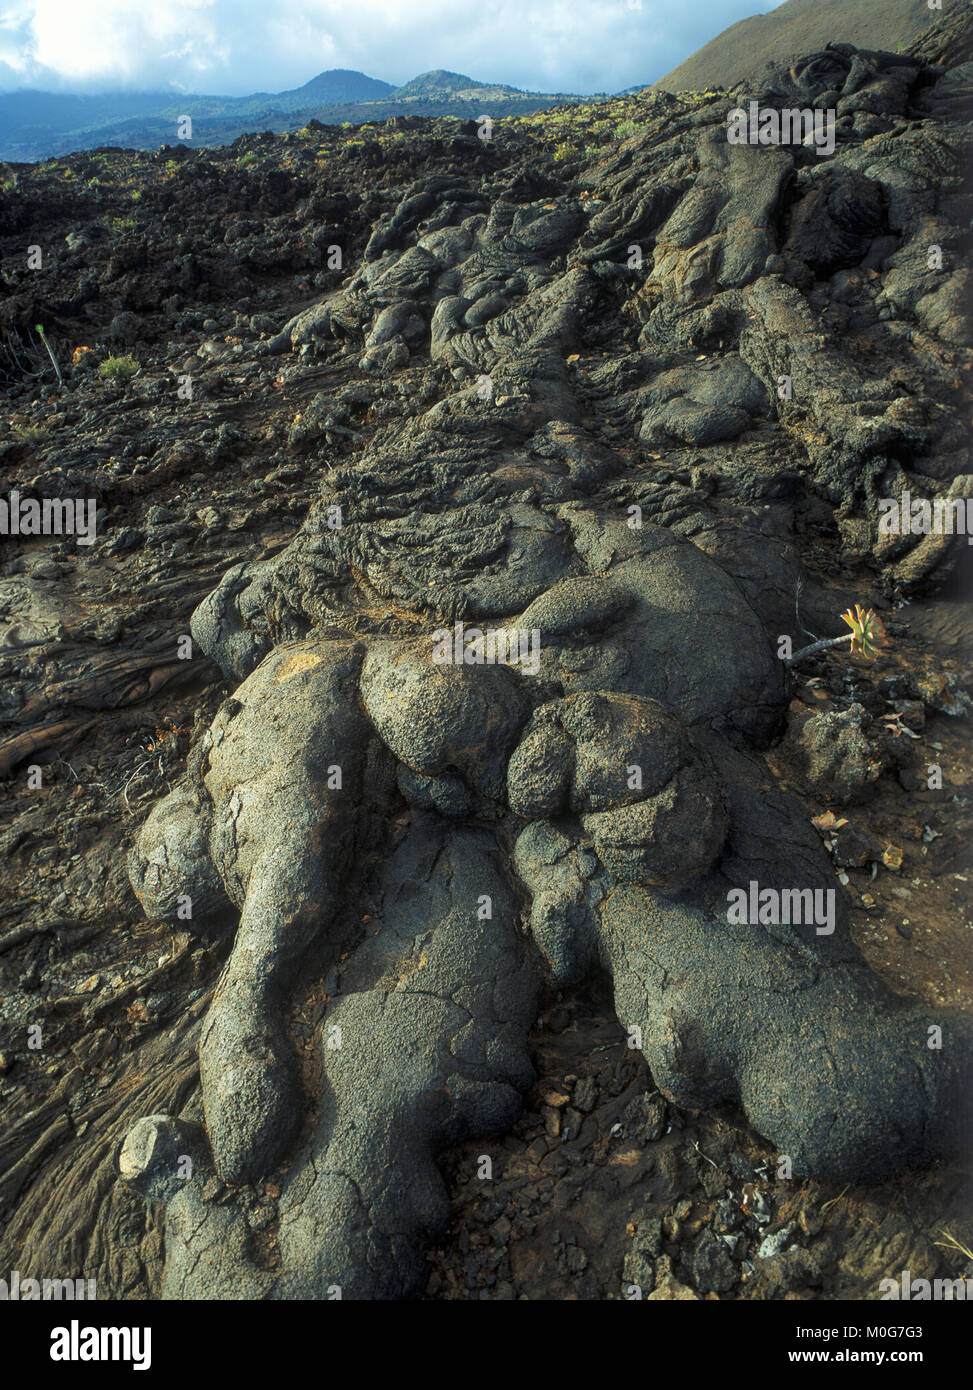 Lavas cordadas en el malpaís de Los Lajiales, El Hierro, Islas Canarias, España, Europa Foto de stock